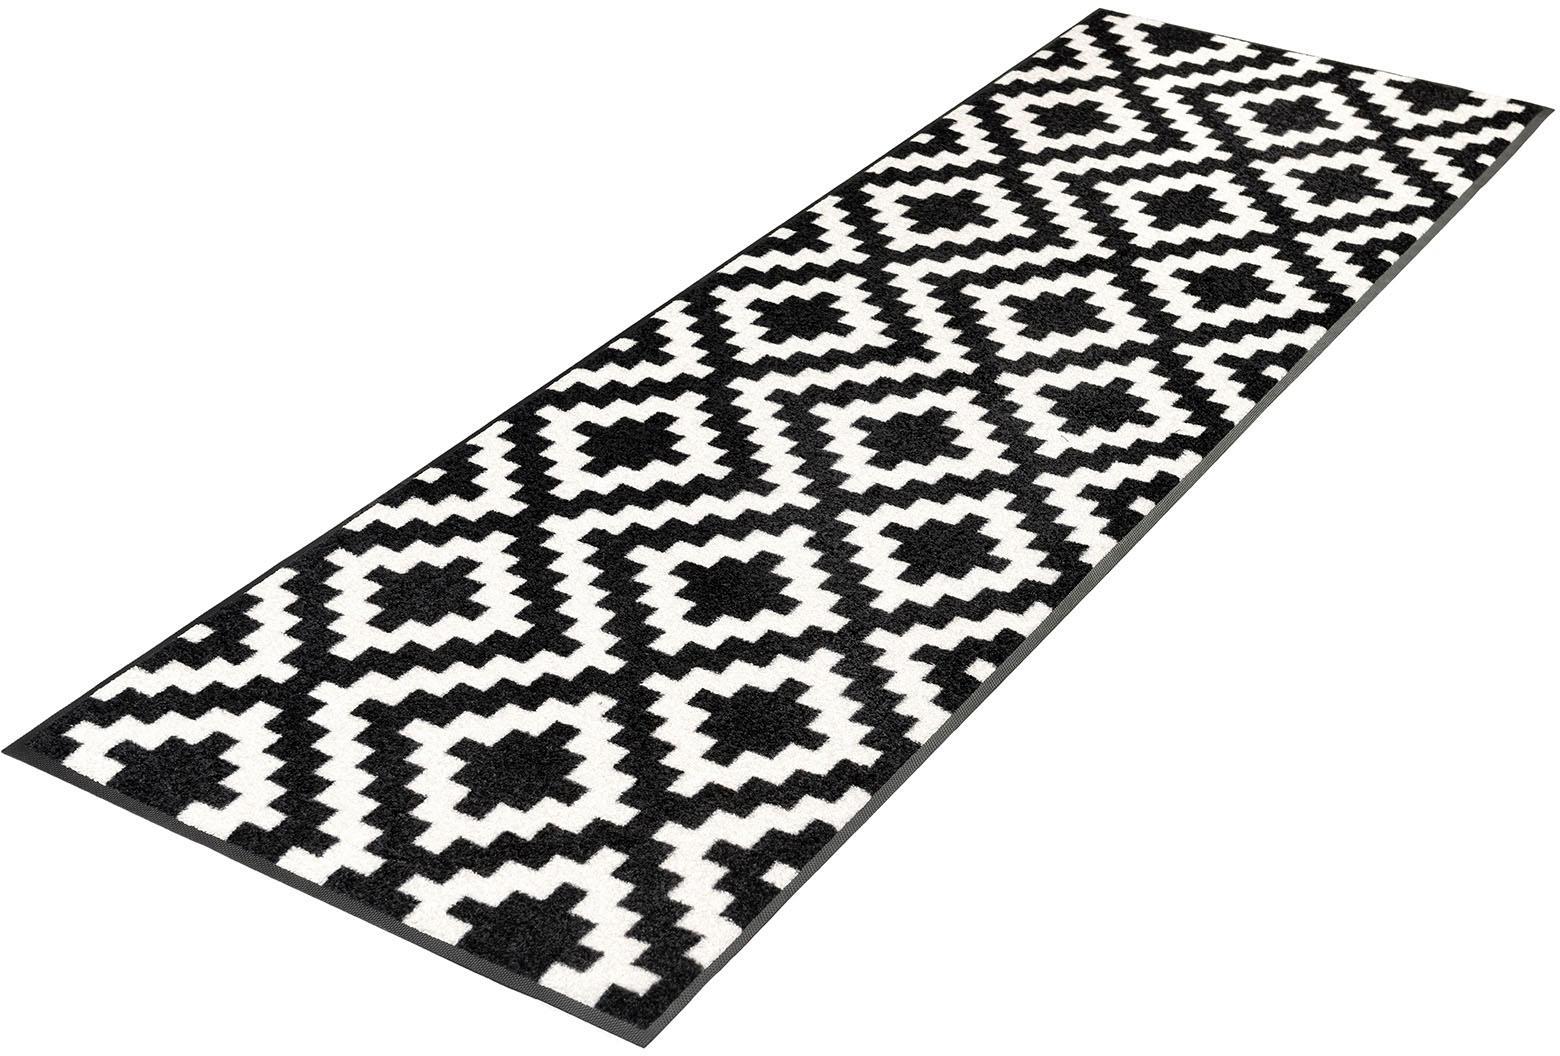 Läufer Kalmar wash+dry by Kleen-Tex rechteckig Höhe 7 mm gedruckt